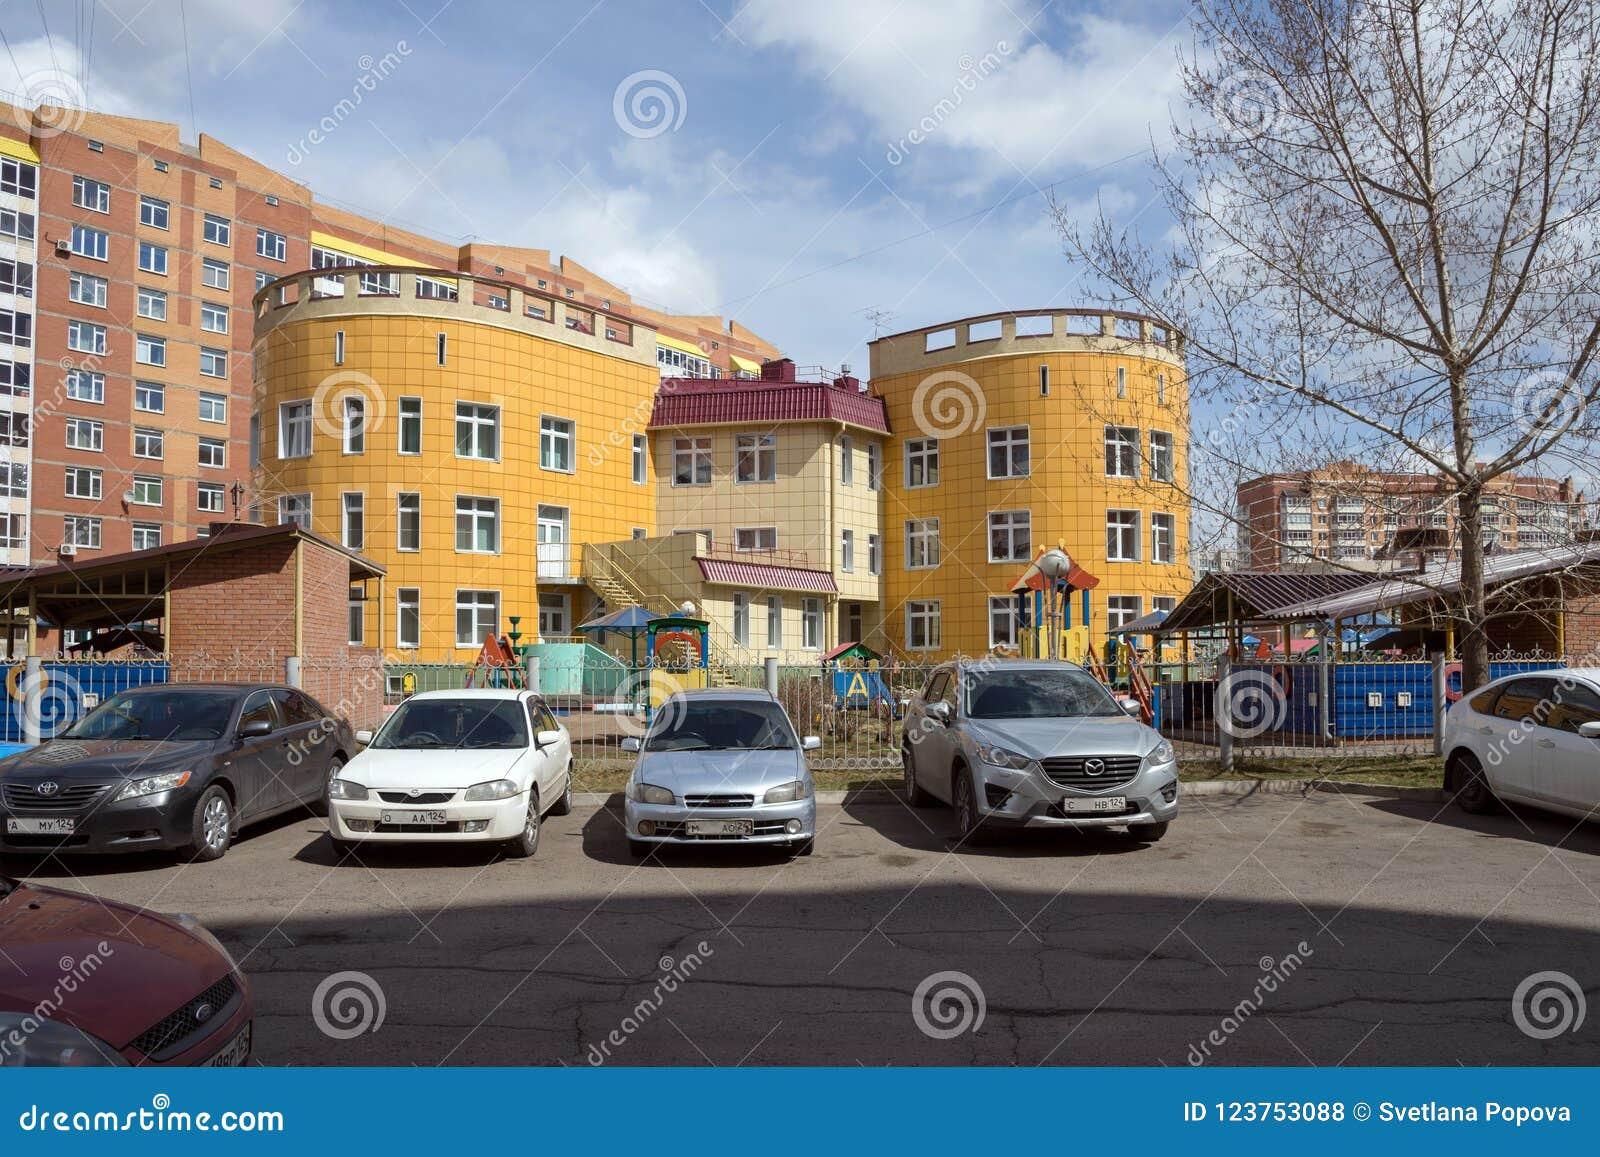 Здание детского сада в жилом районе города Krasnoyarsk